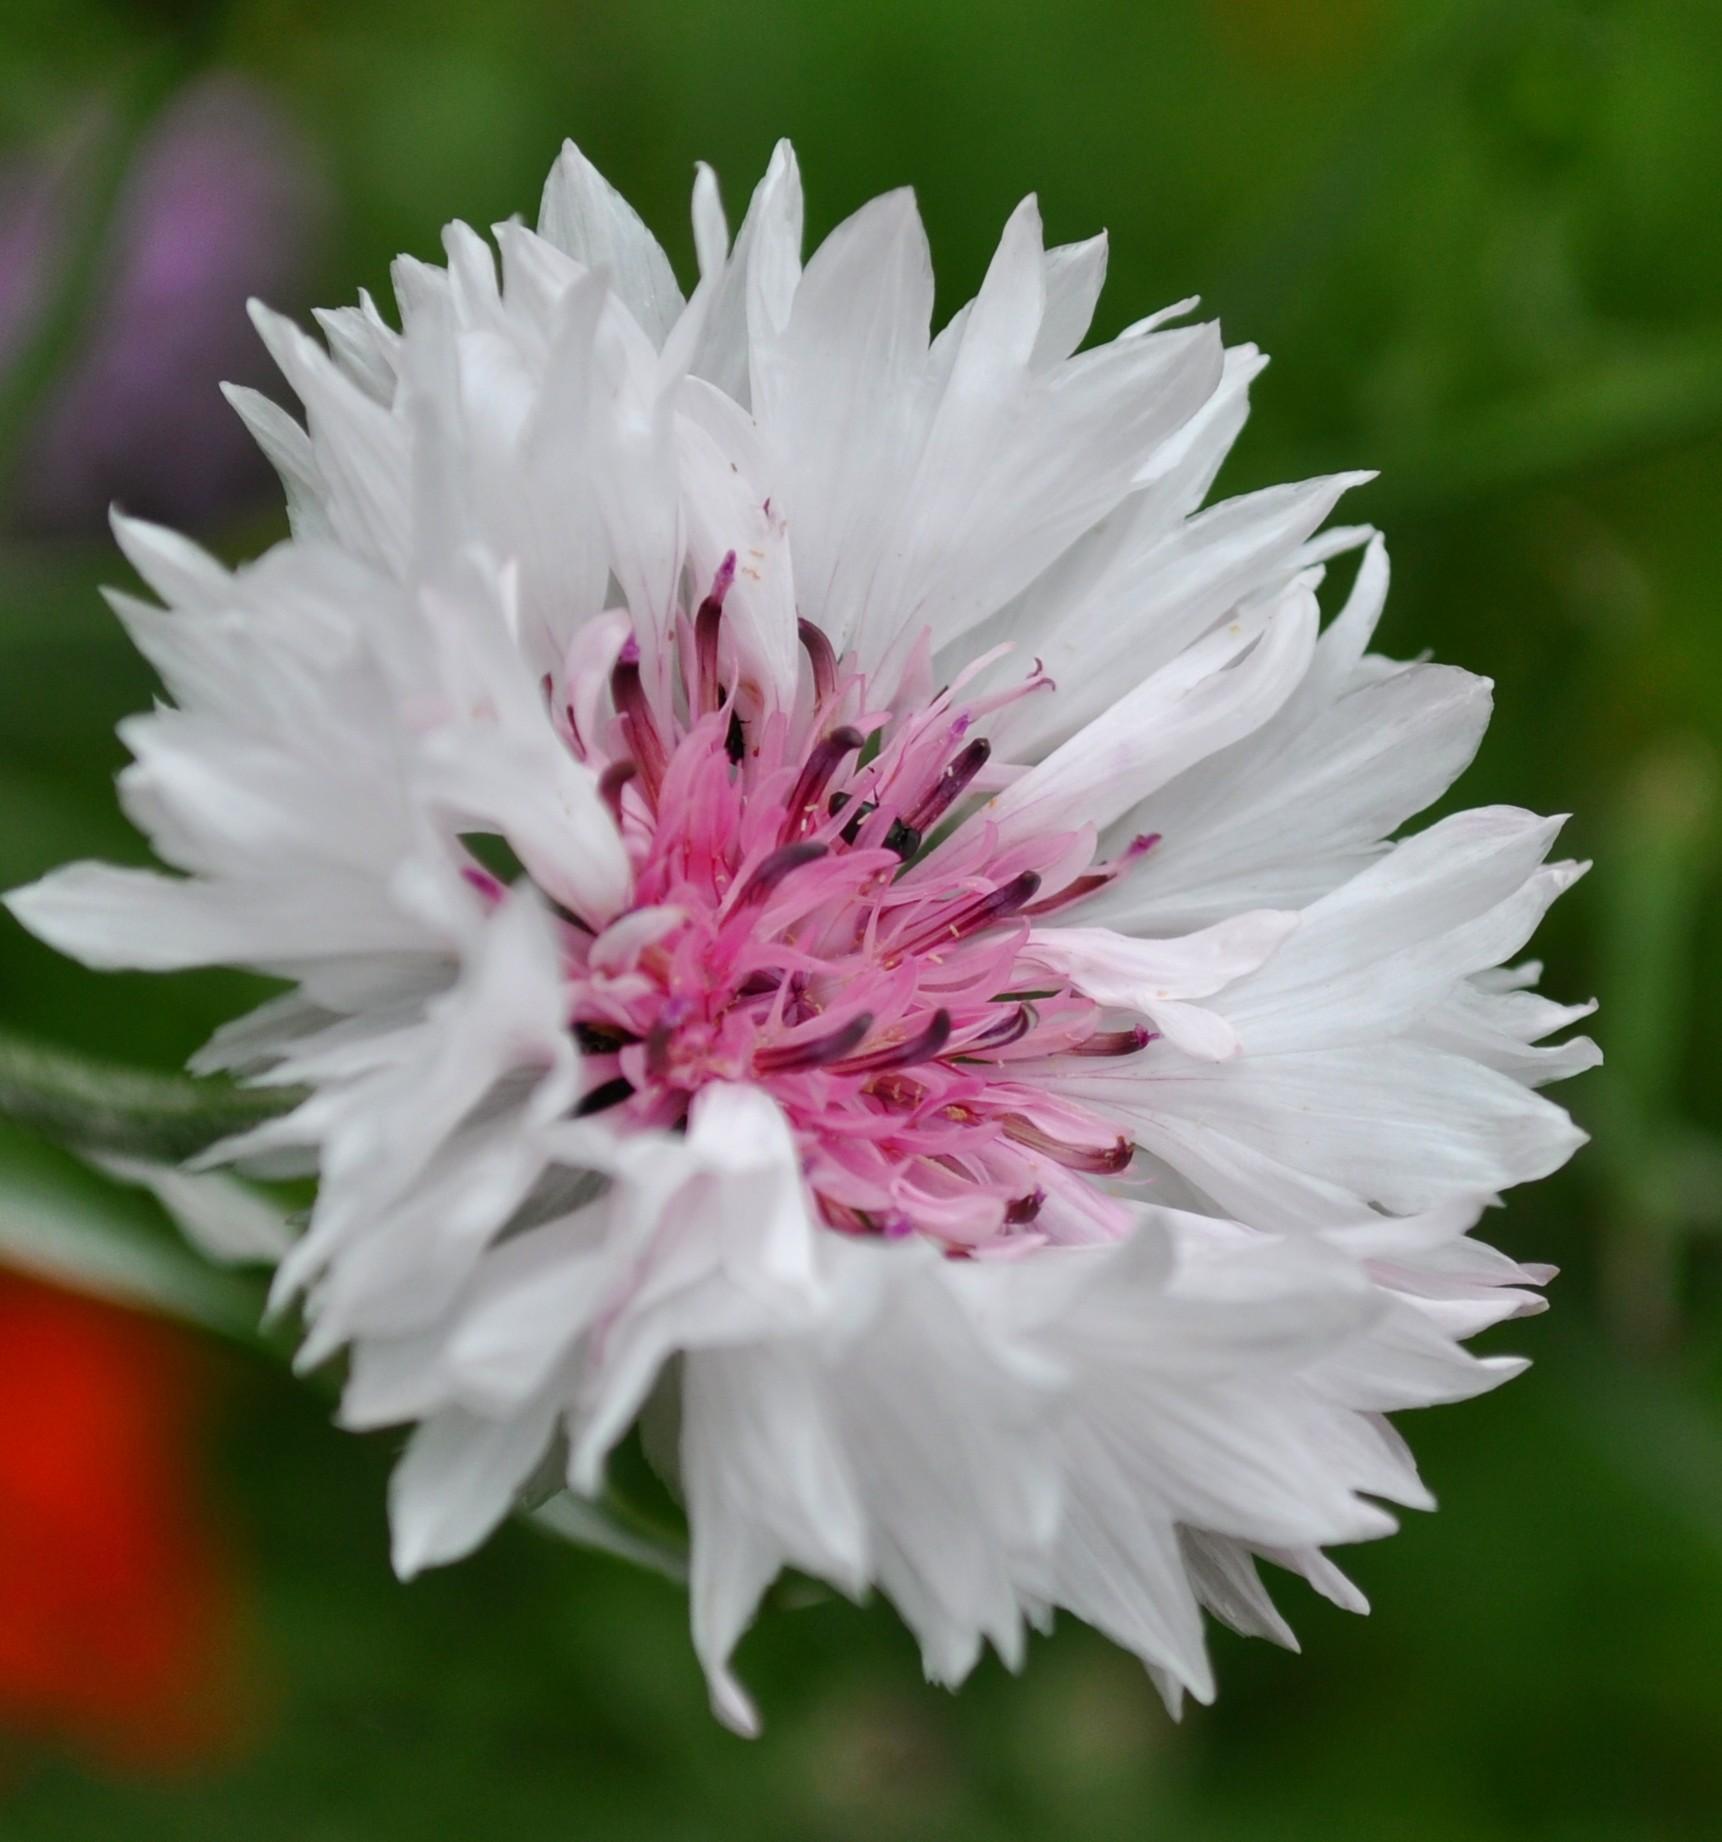 White Cornflower by Forestina Fotos on DeviantArt